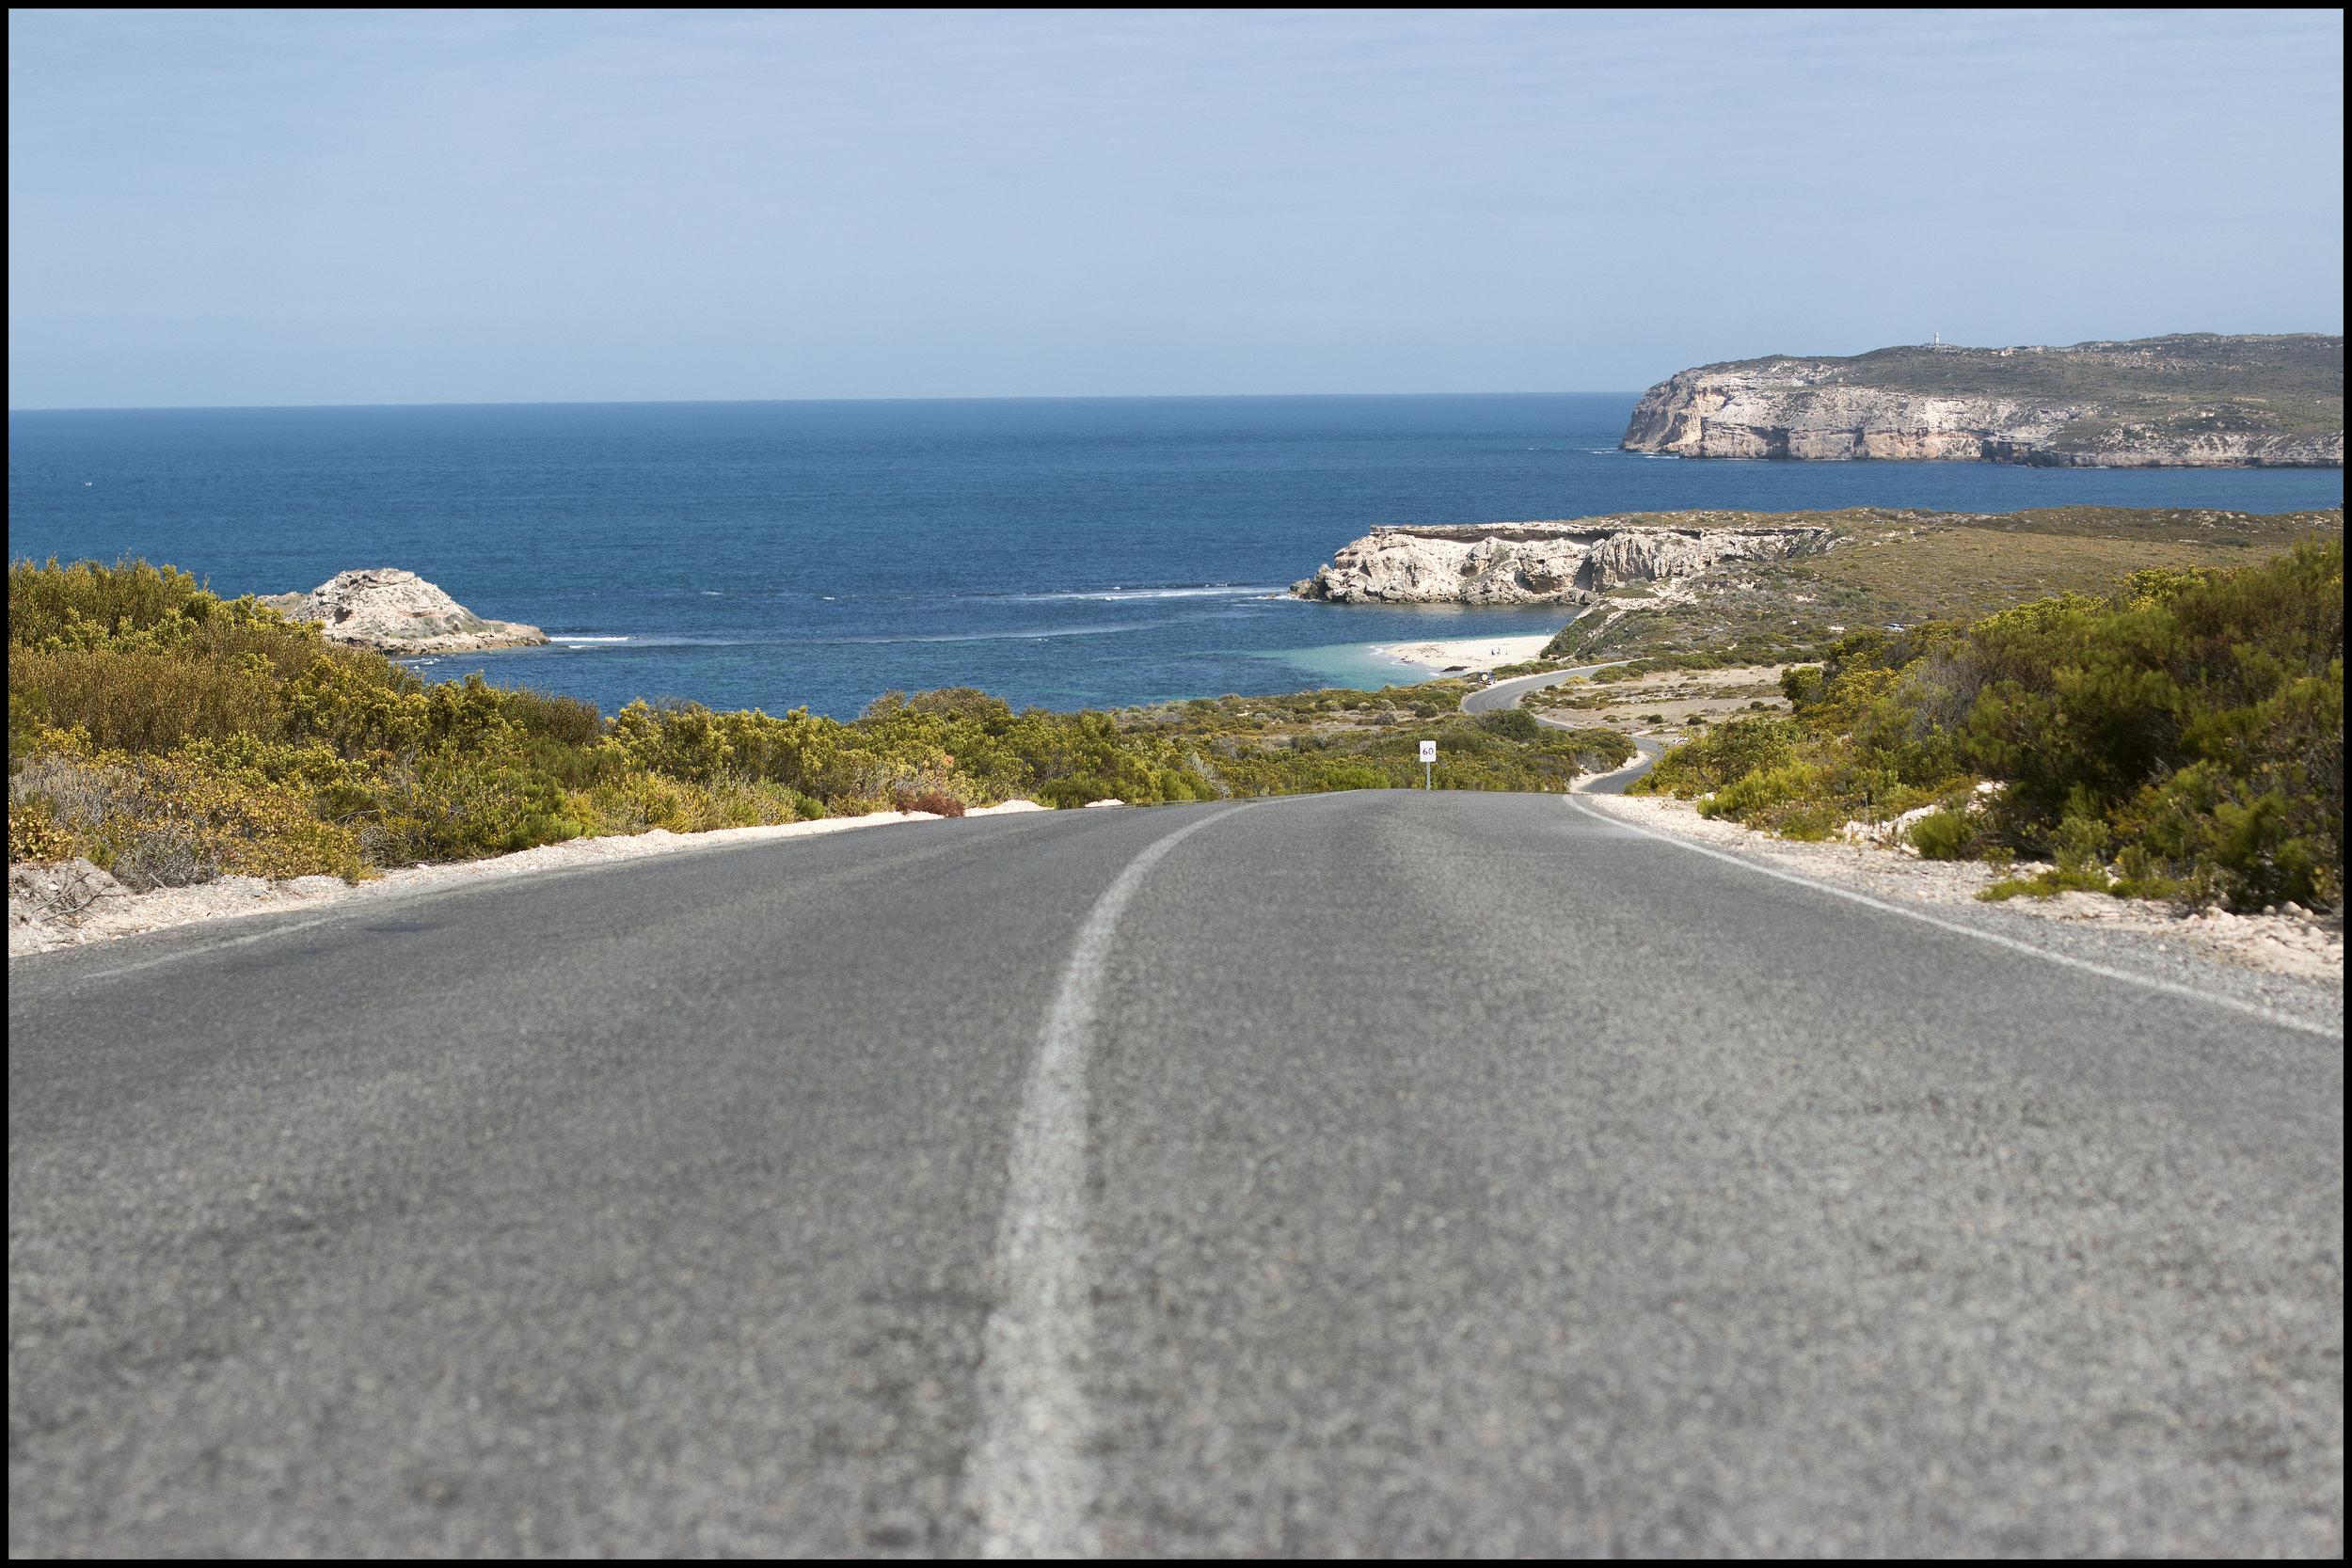 Innes National Park - South Australia